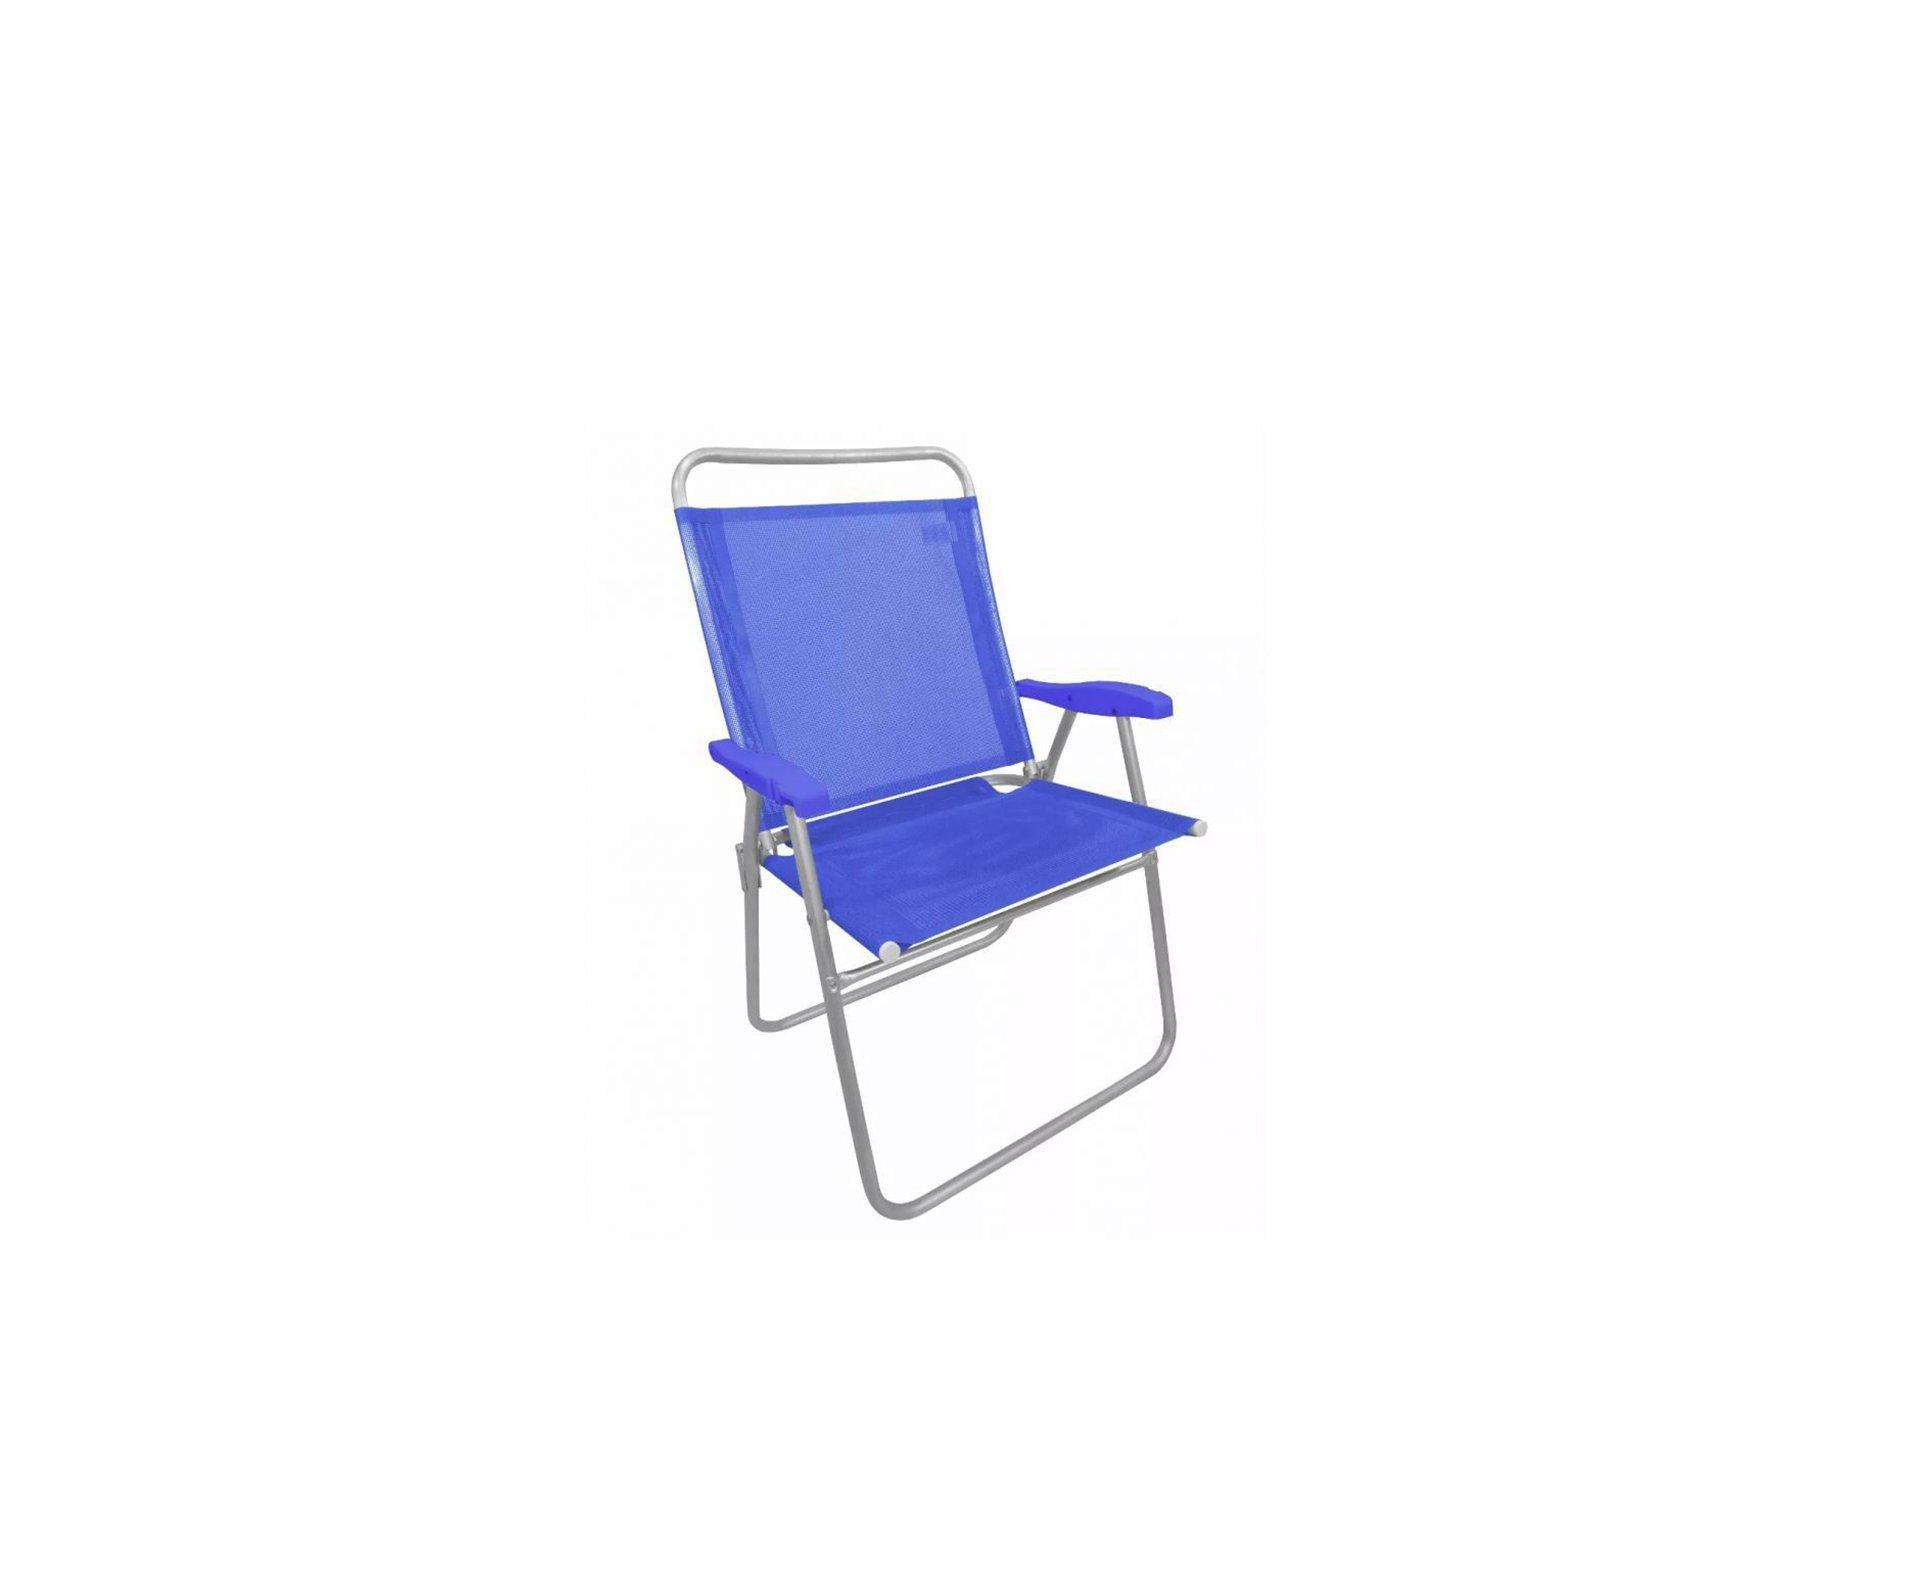 Cadeira De Praia Em Aluminio Zaka King Azul Capacidade 140kg